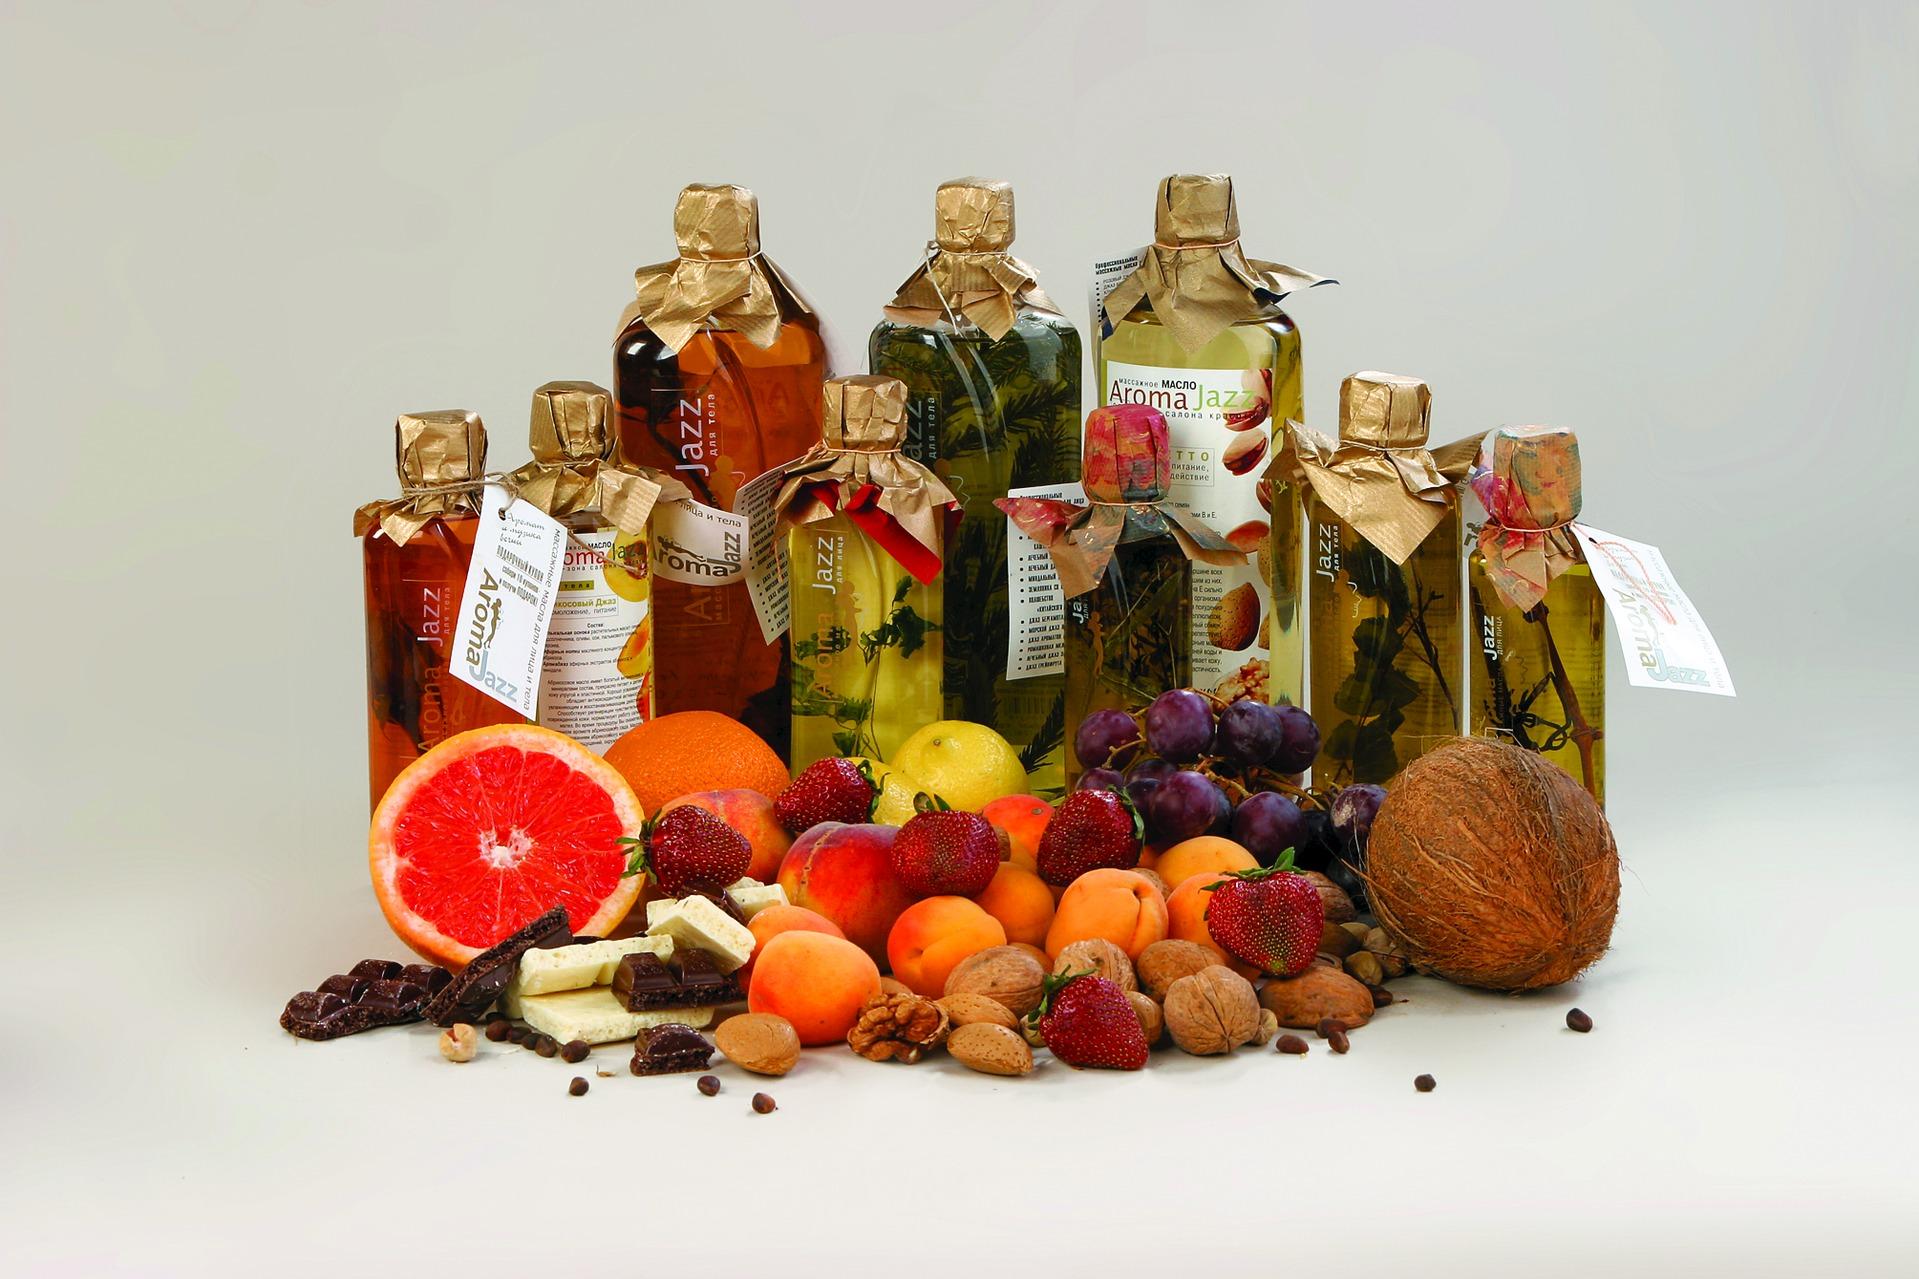 Arom@ J@zz - блаженство ароматов для Вашей красоты и здоровья! Только натуральная профессиональная косметика на основе масел и экстрактов растений.